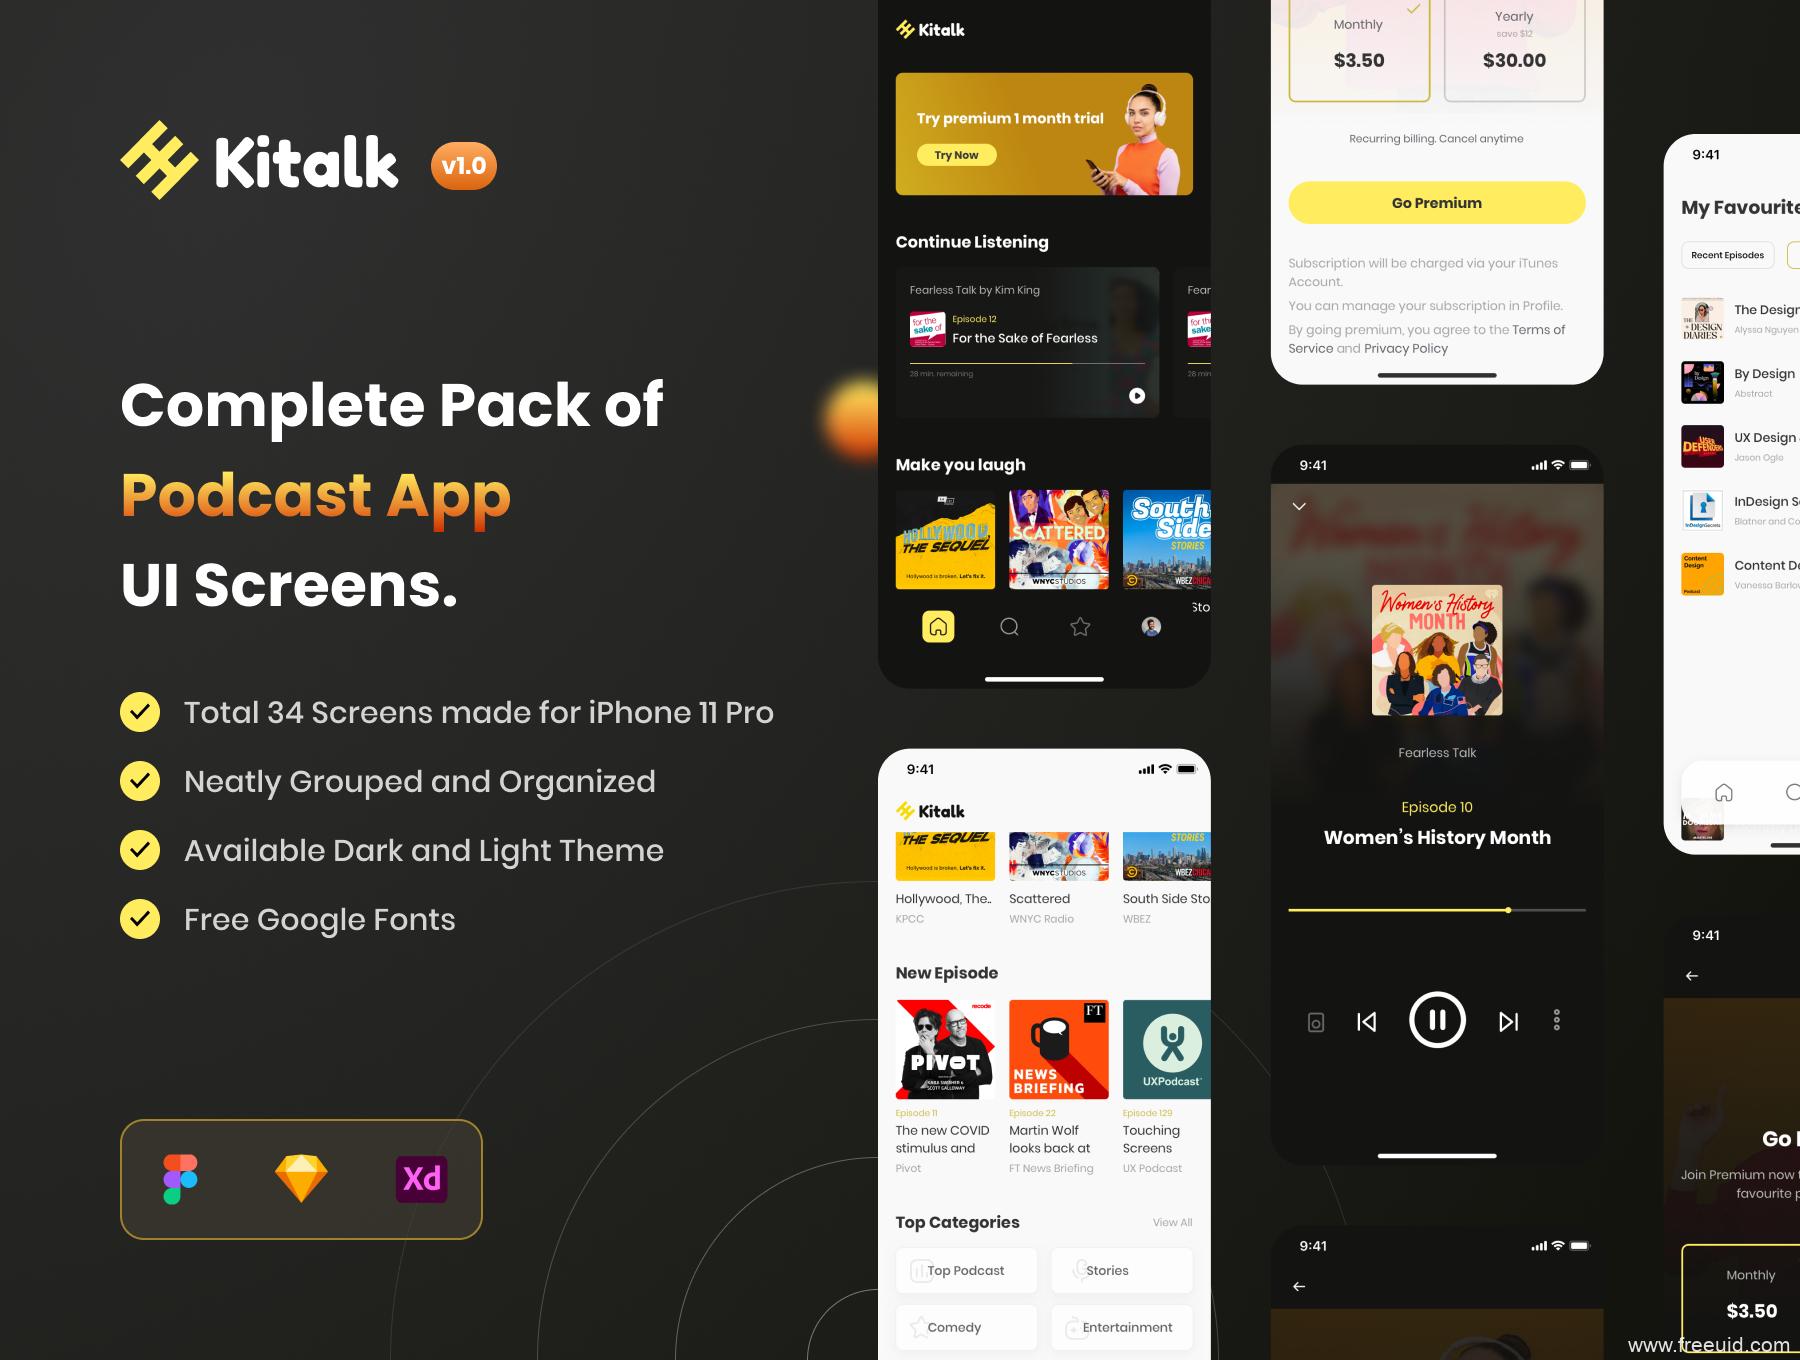 一套轻量简约的网络播客app ui设计sketch、figma、xd源文件